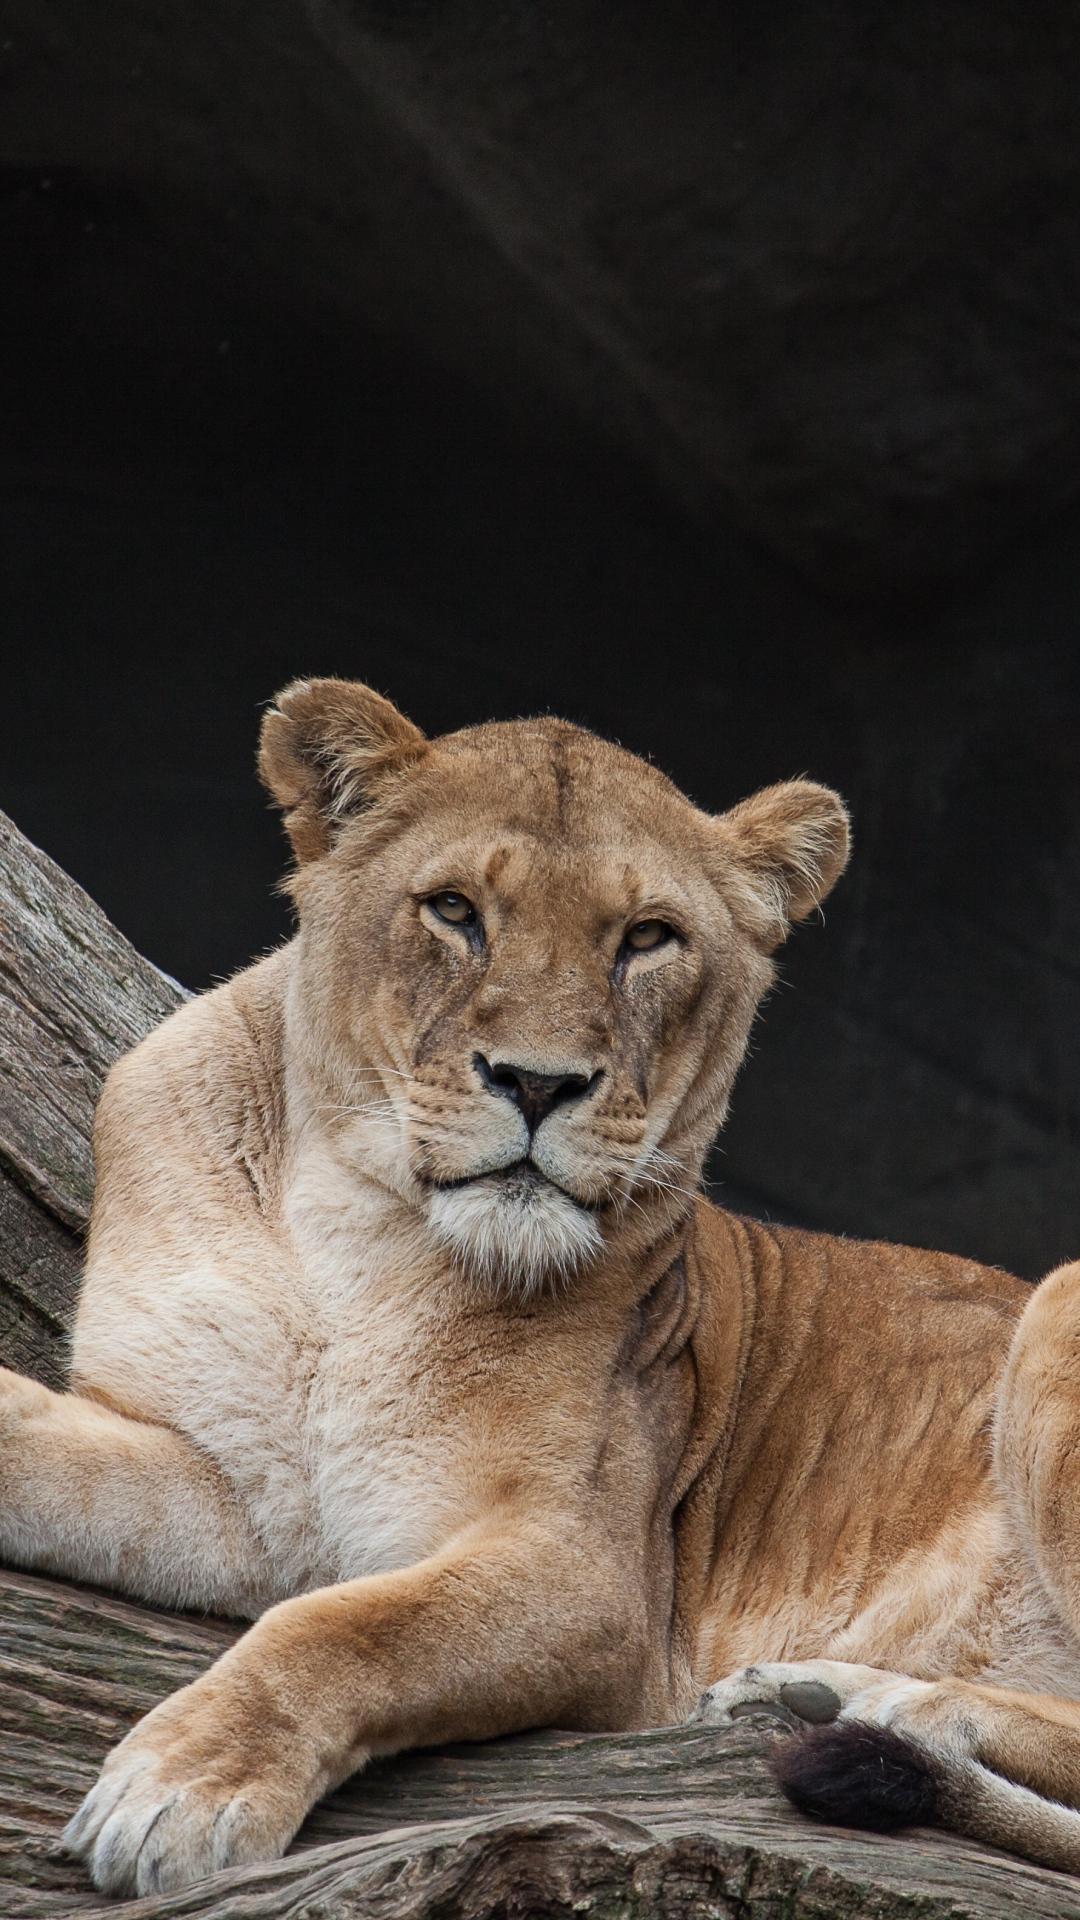 iphone wallpaper lioness lion Lion